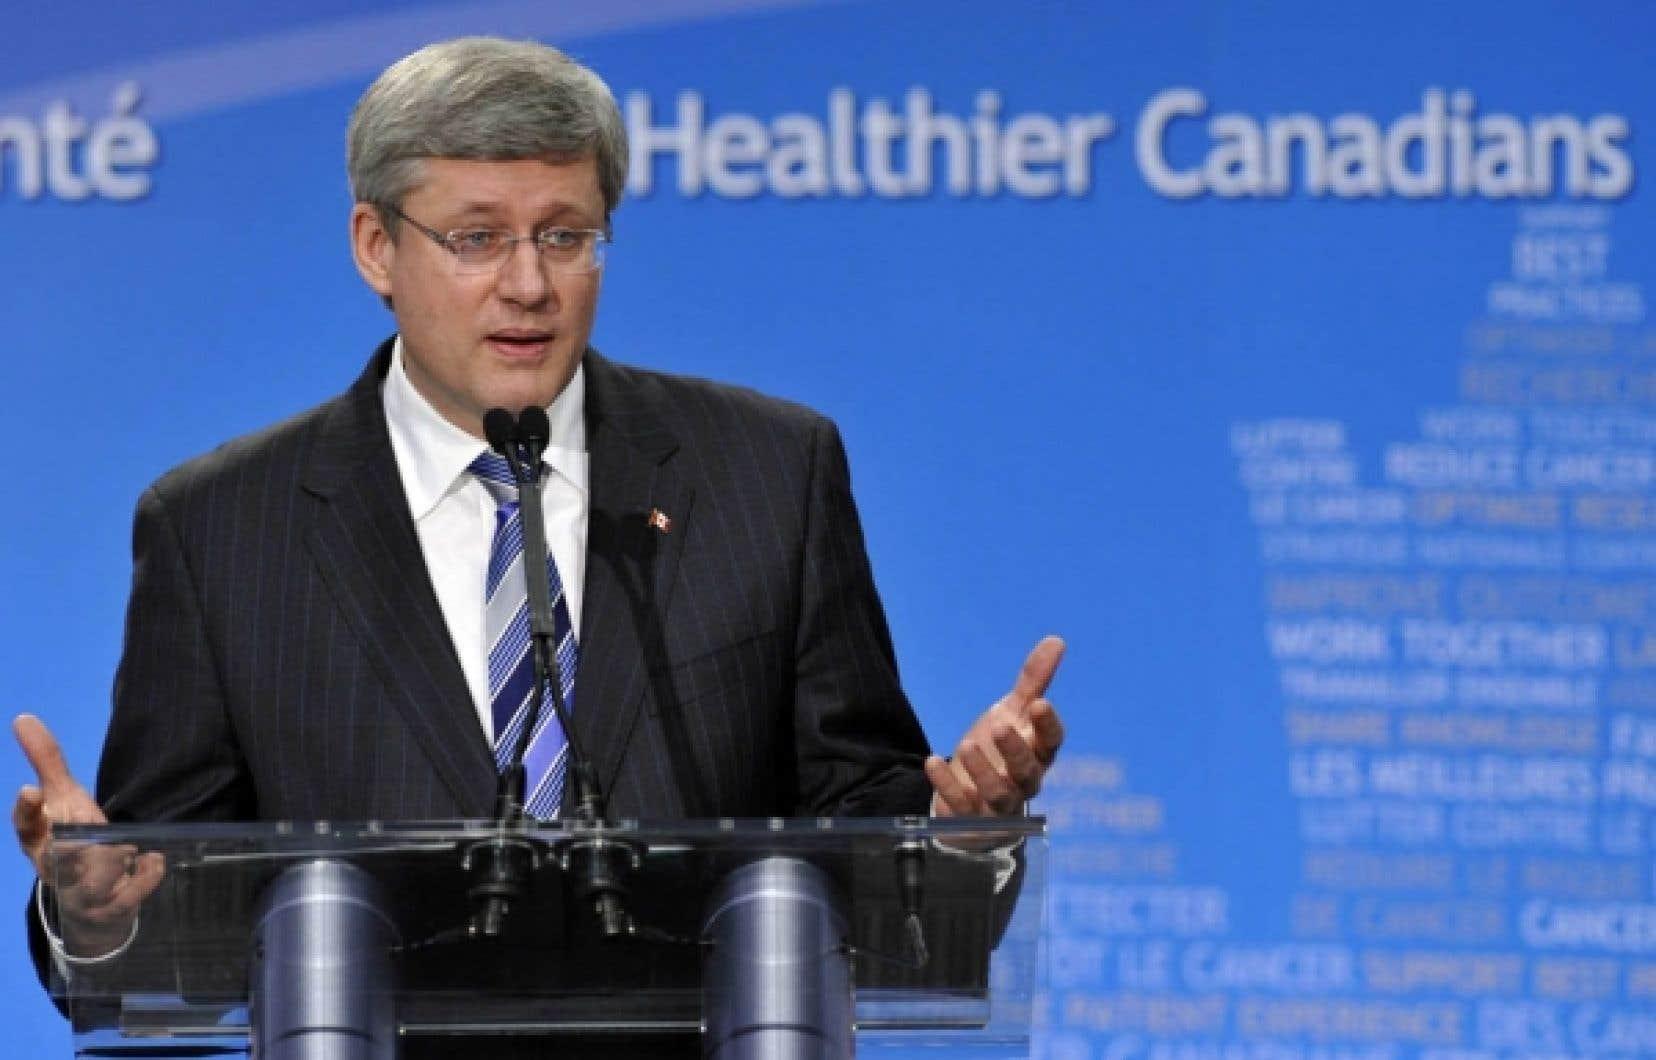 Stephen Harper, de passage à Toronto hier, a accueilli les semonces de Peter Milliken sur la transparence de son gouvernement avec un haussement d'épaules.